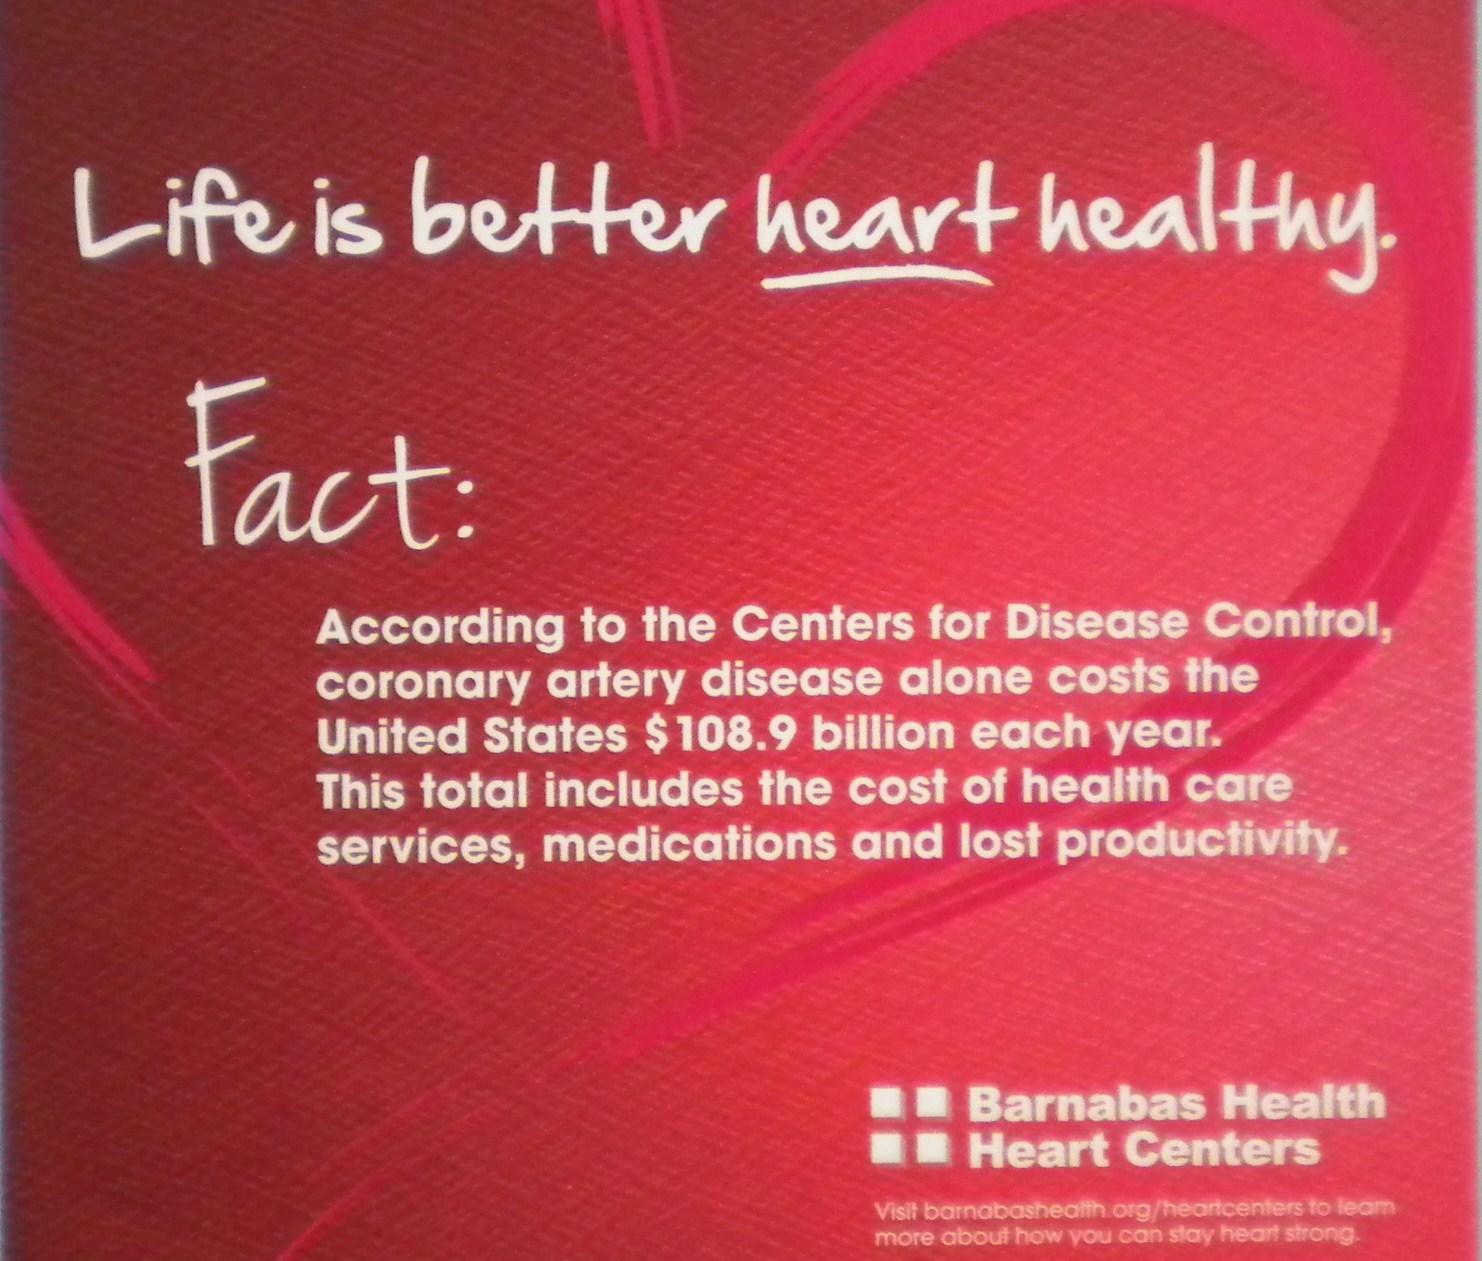 bc6b2133fd1ca4a6d426_HeartFact1.JPG